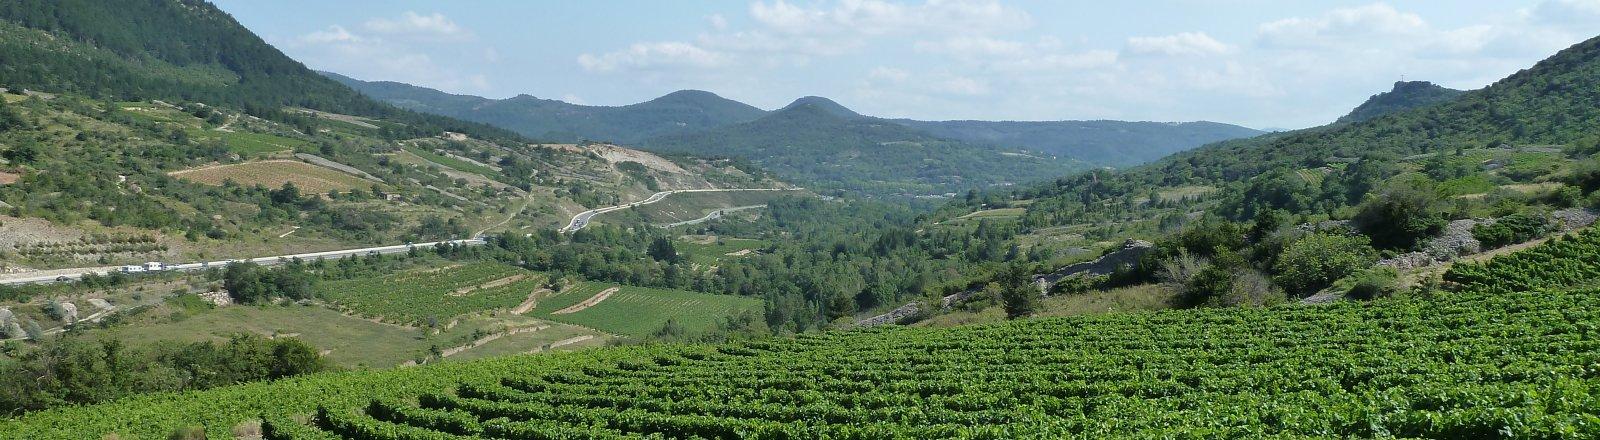 Vue sur la vallée - Pégairolles-de-l'Escalette, Pays Cœur d'Hérault, Languedoc, Occitanie ©